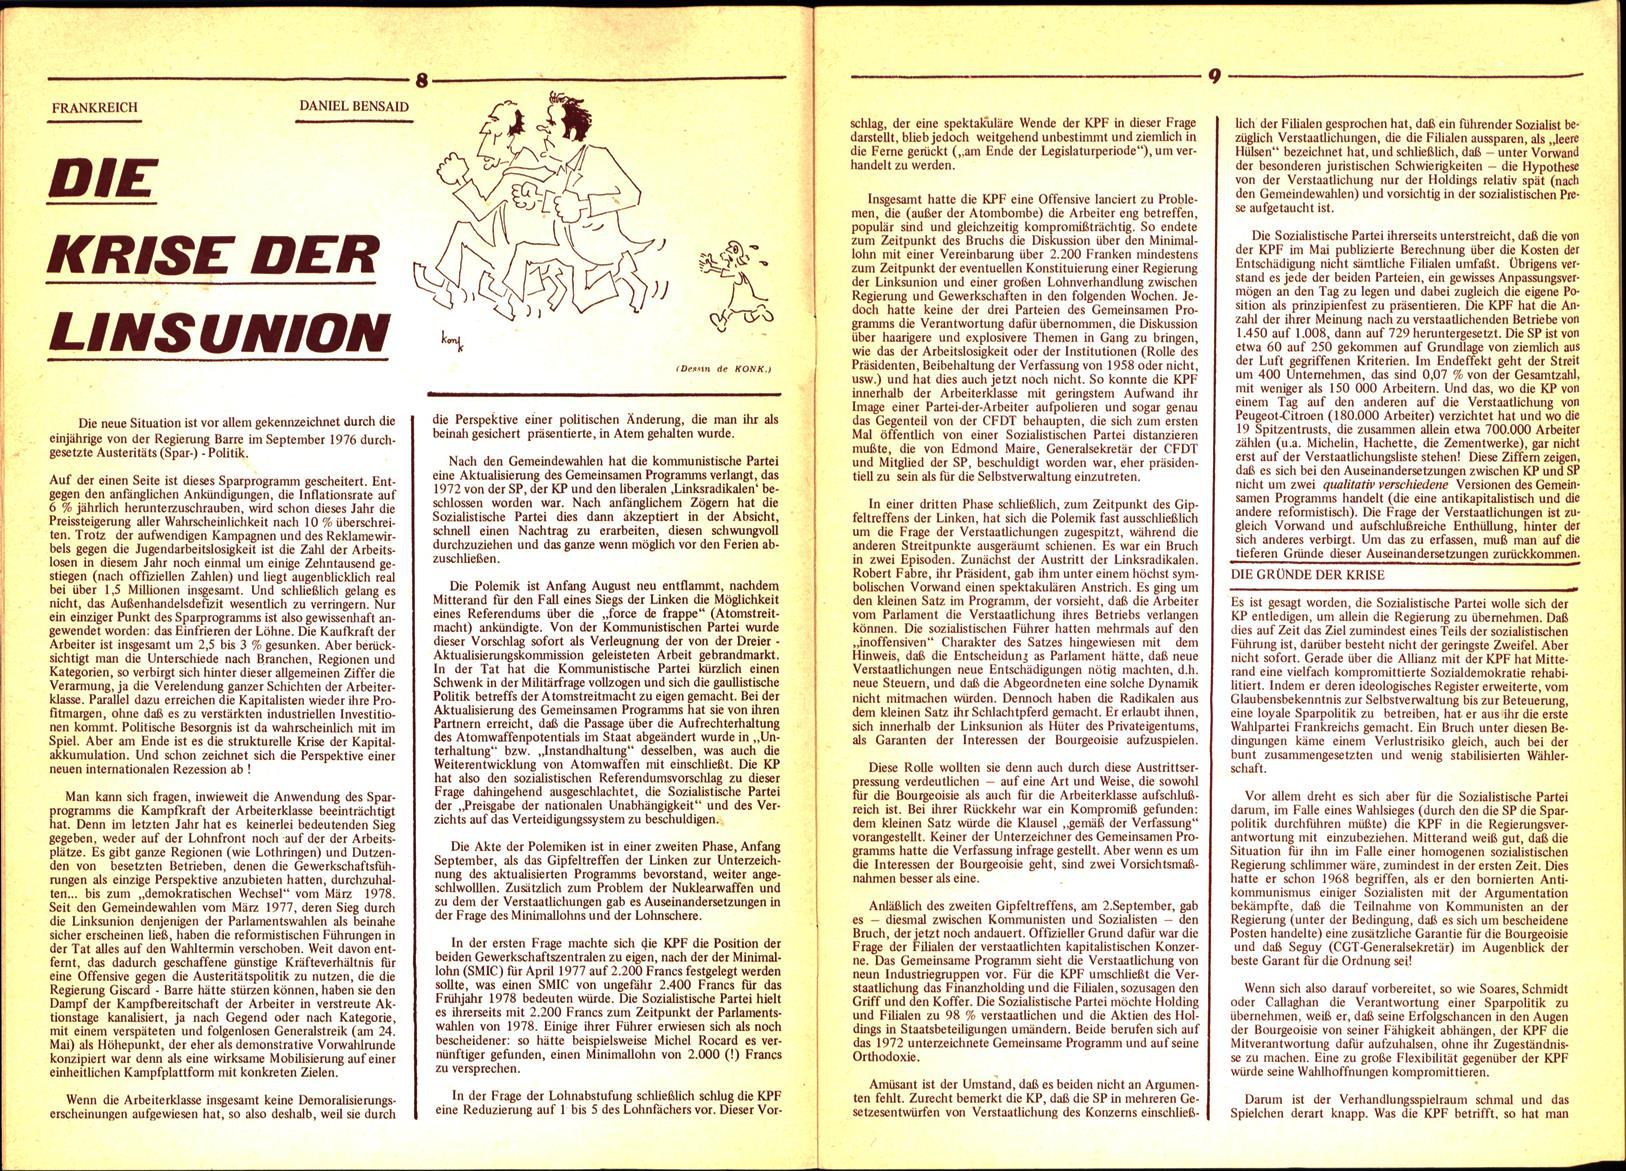 Inprekorr_19771215_087_005